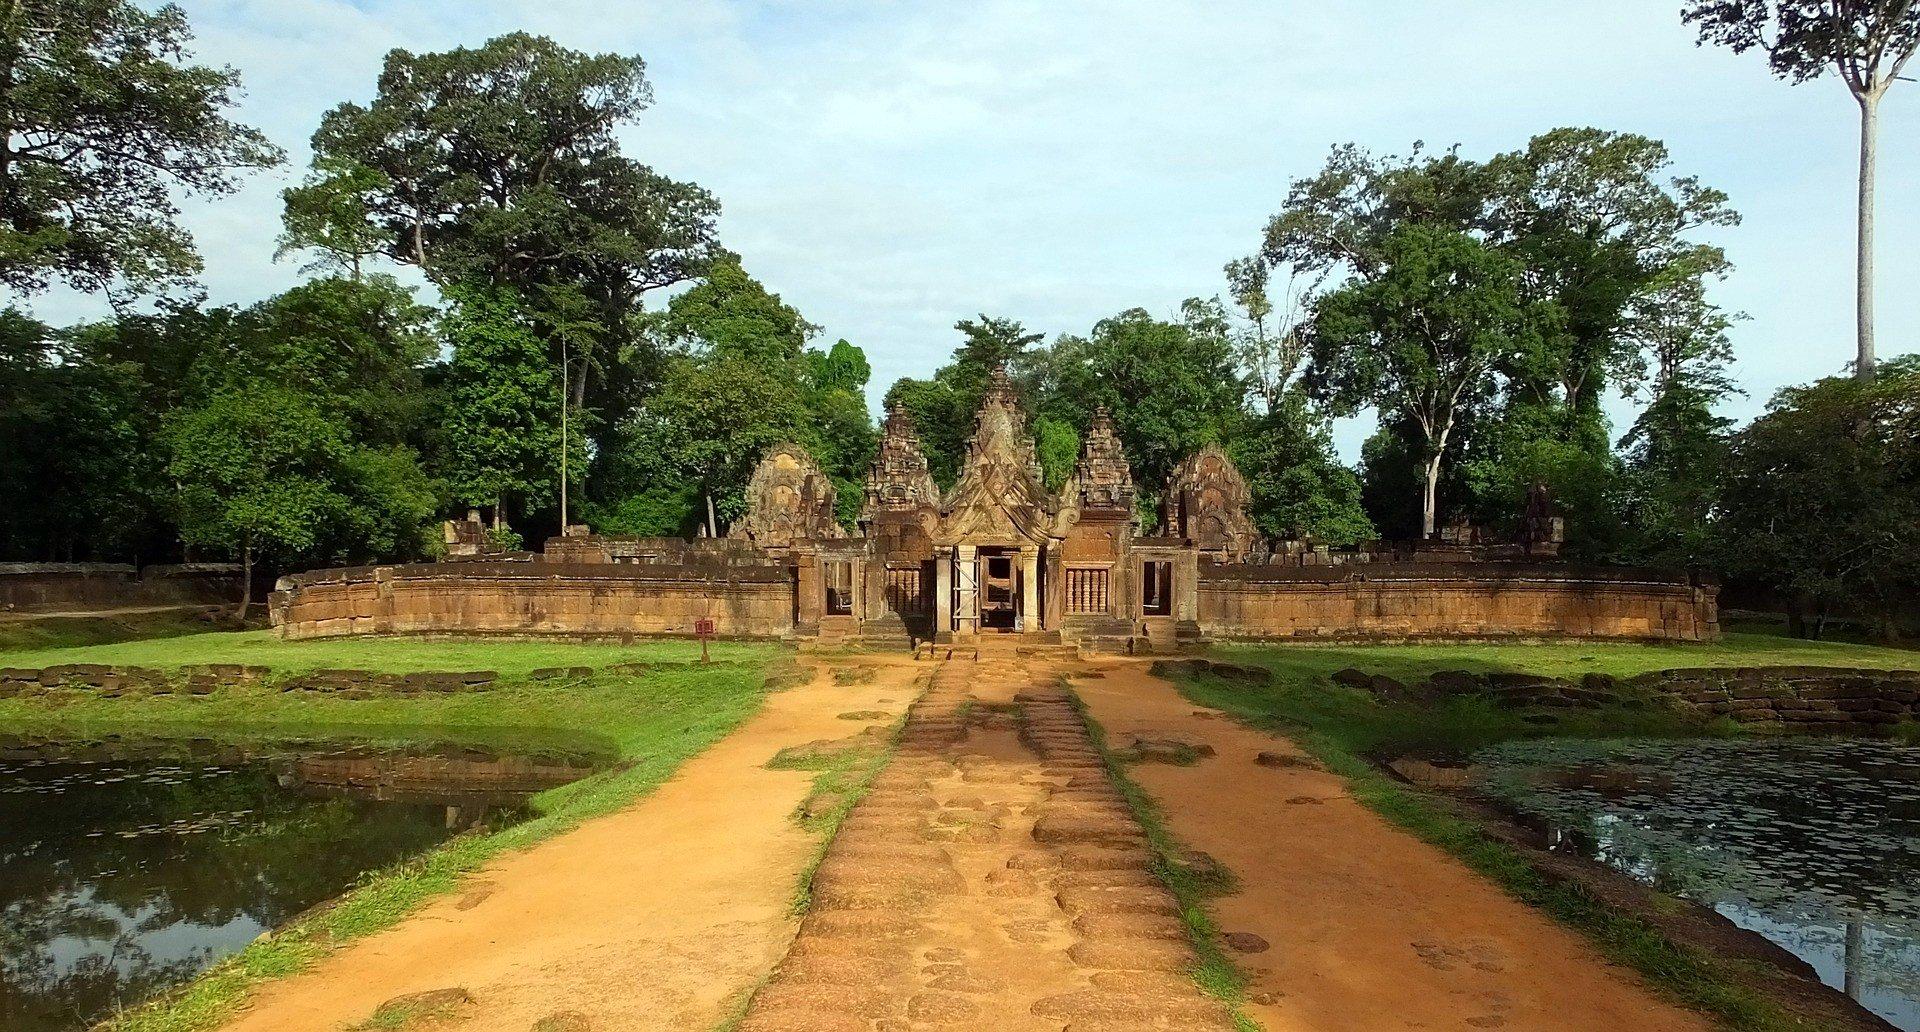 Banteay Srei Temple near Siem Reap